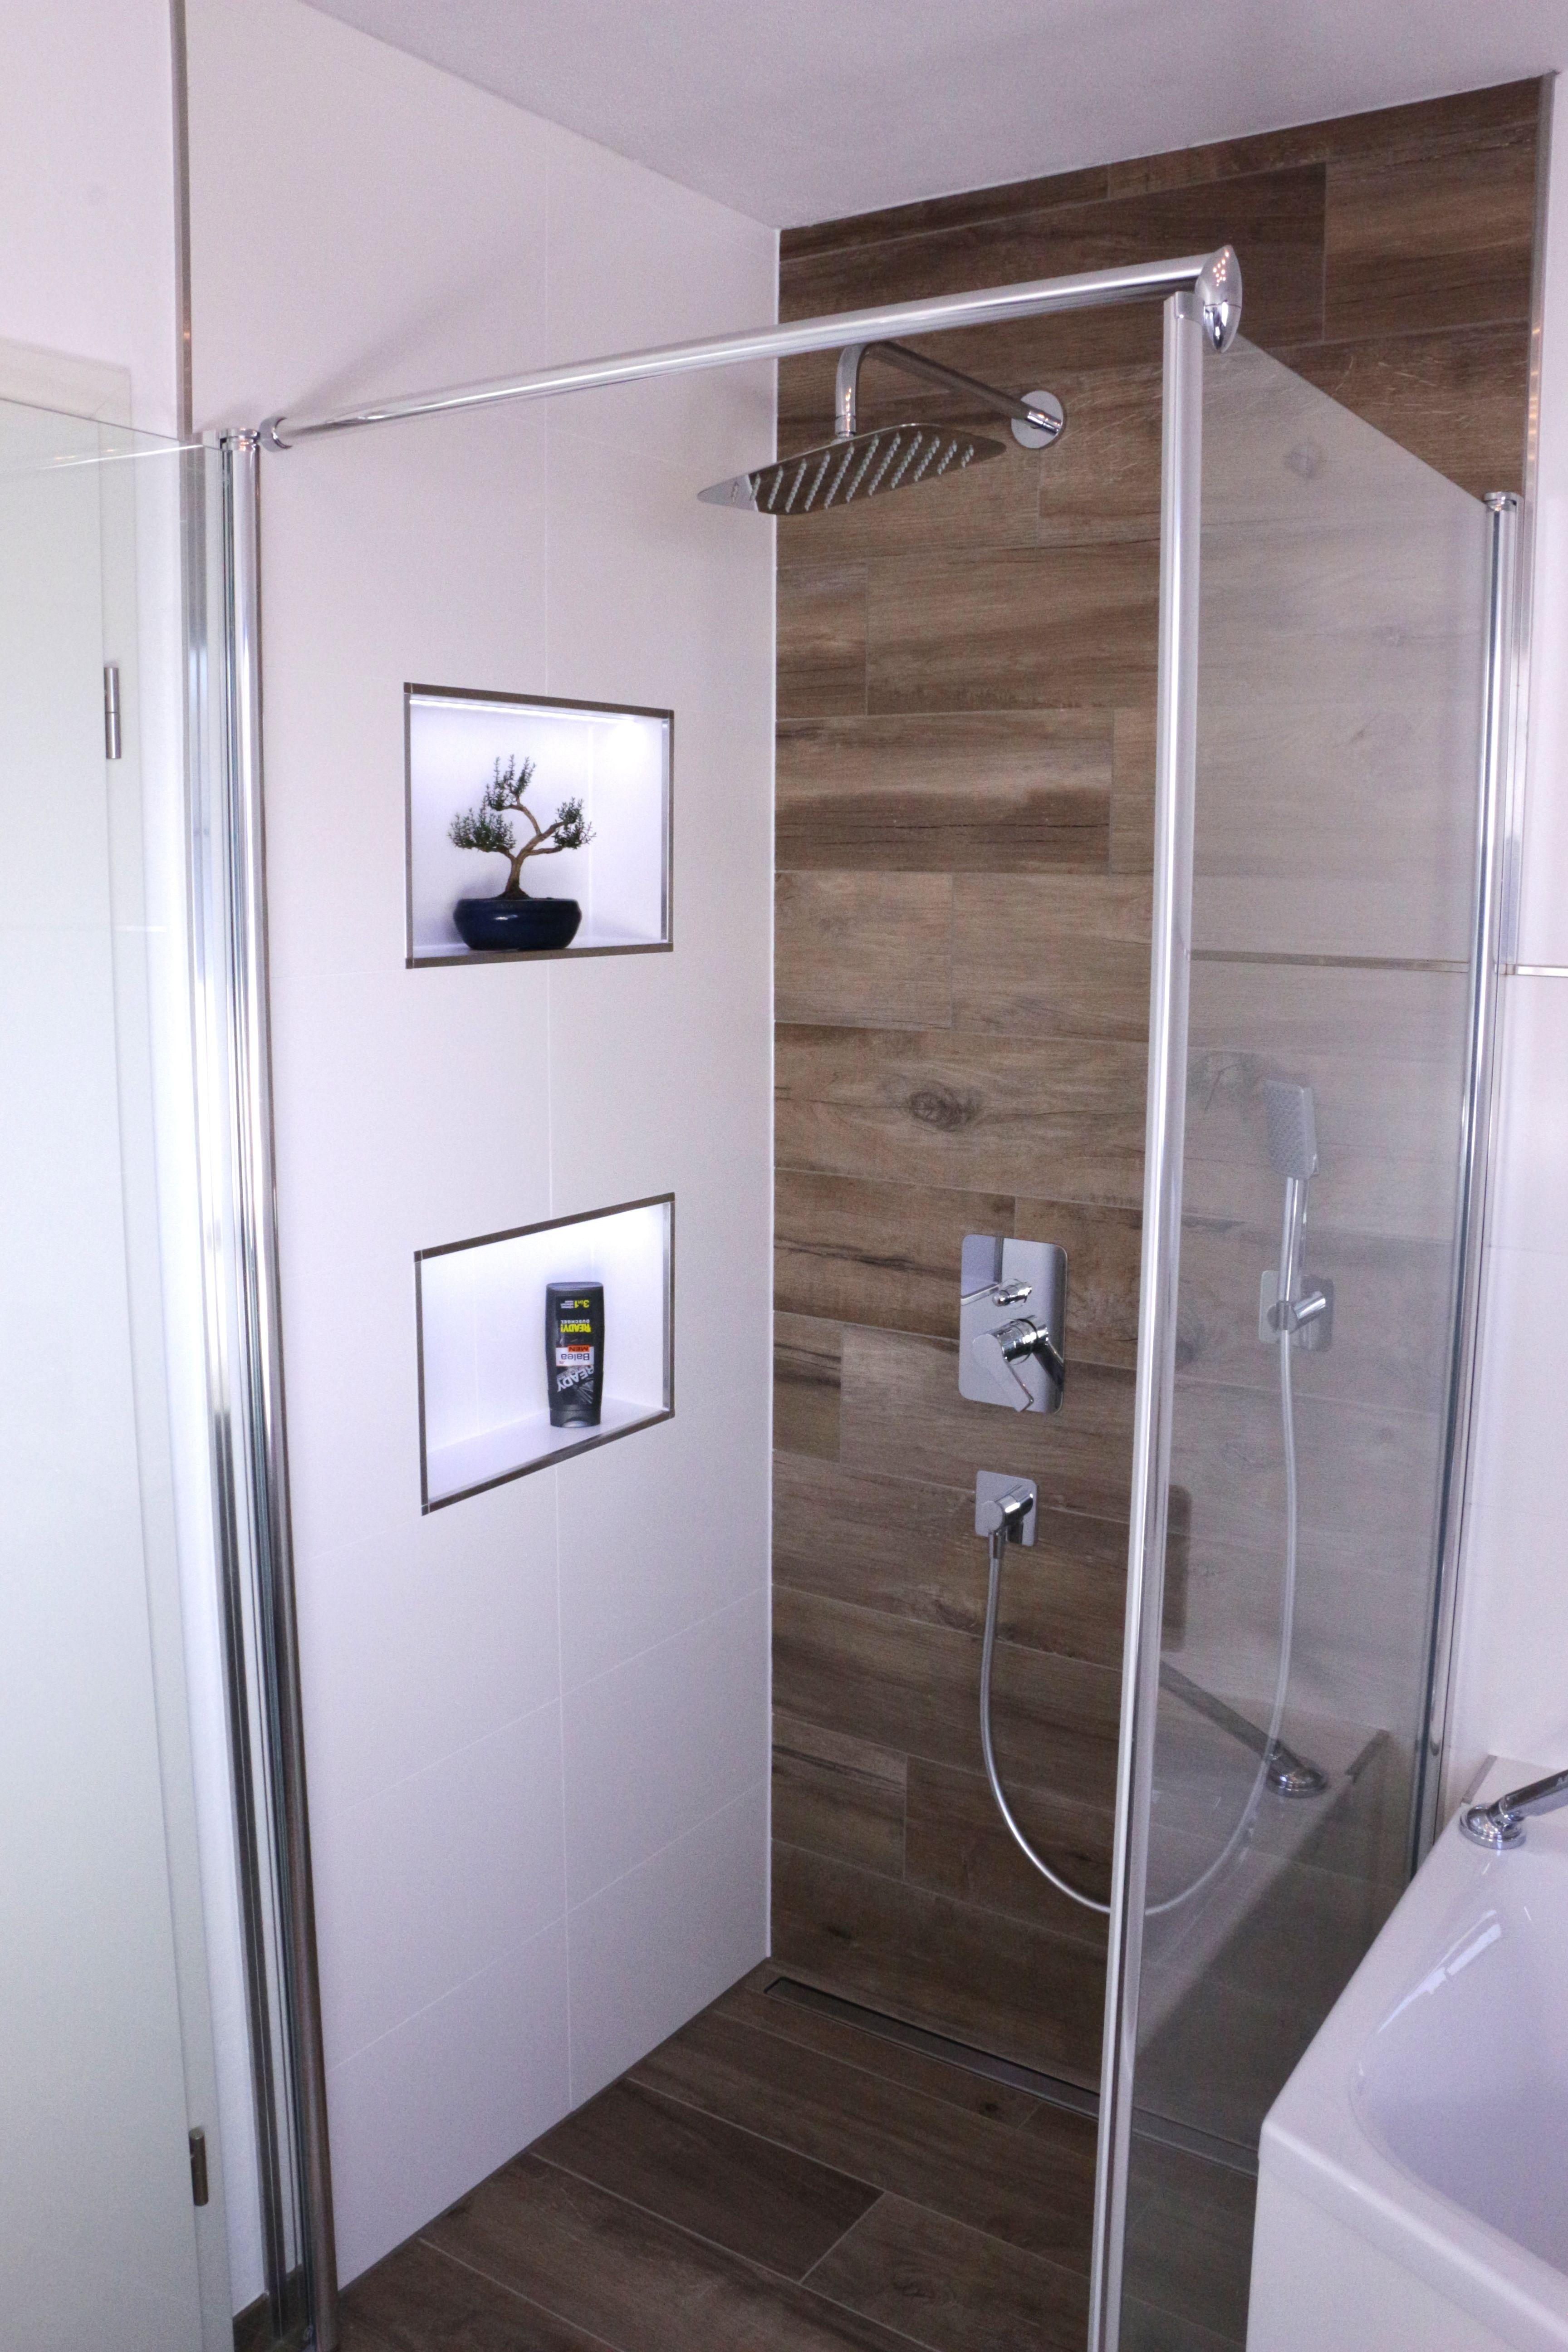 Wandnischen Im Bad In 2020 Wandnischen Badezimmer Badezimmer Grundriss